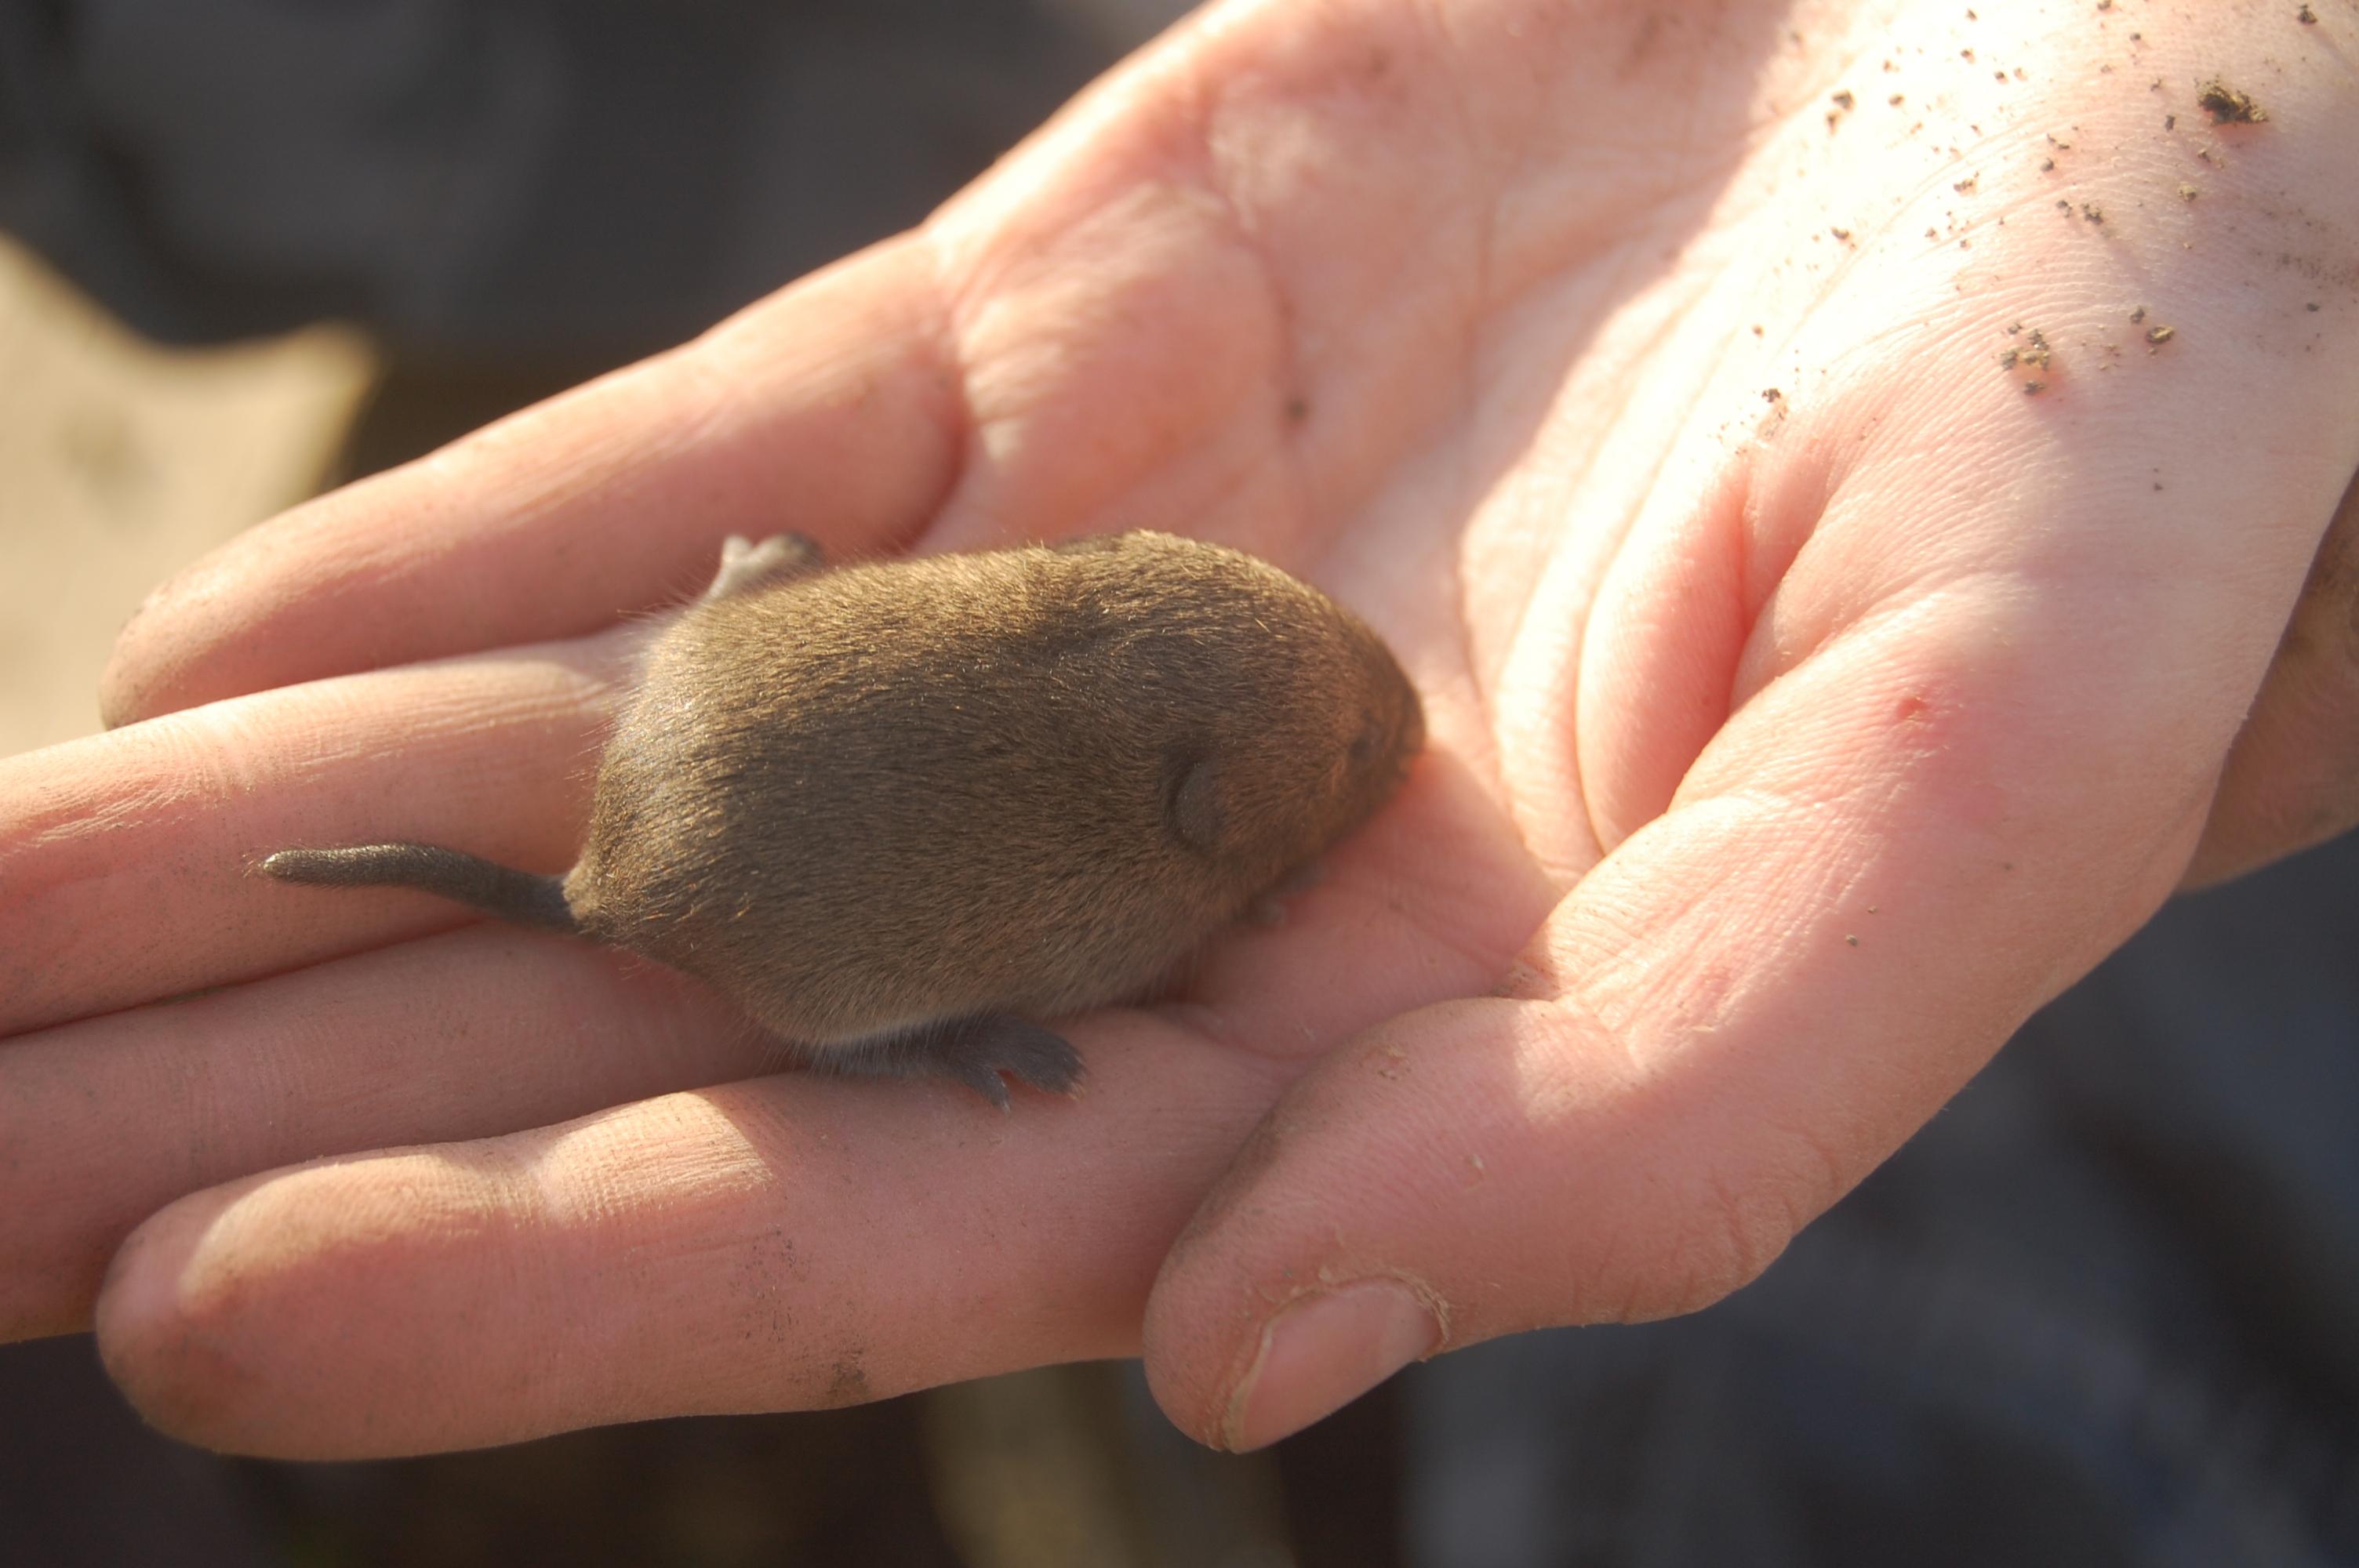 Baby vole in hand